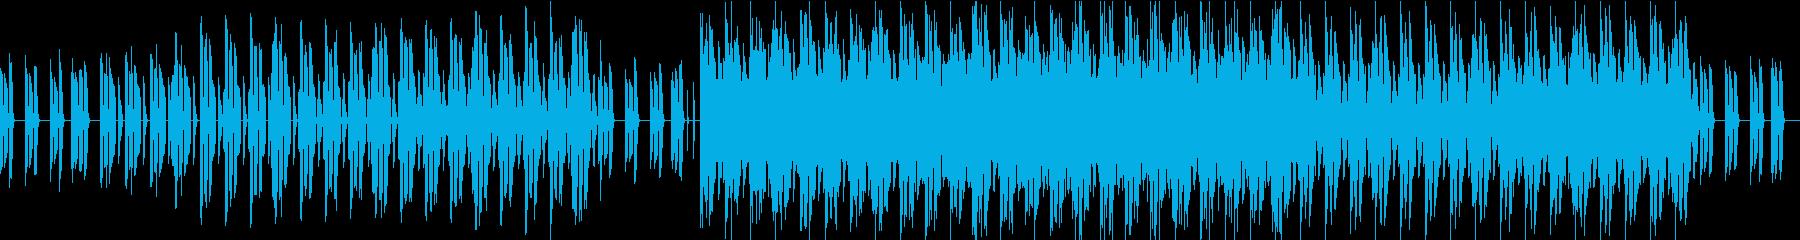 軽快で楽しくのれるエレクトロニカの再生済みの波形